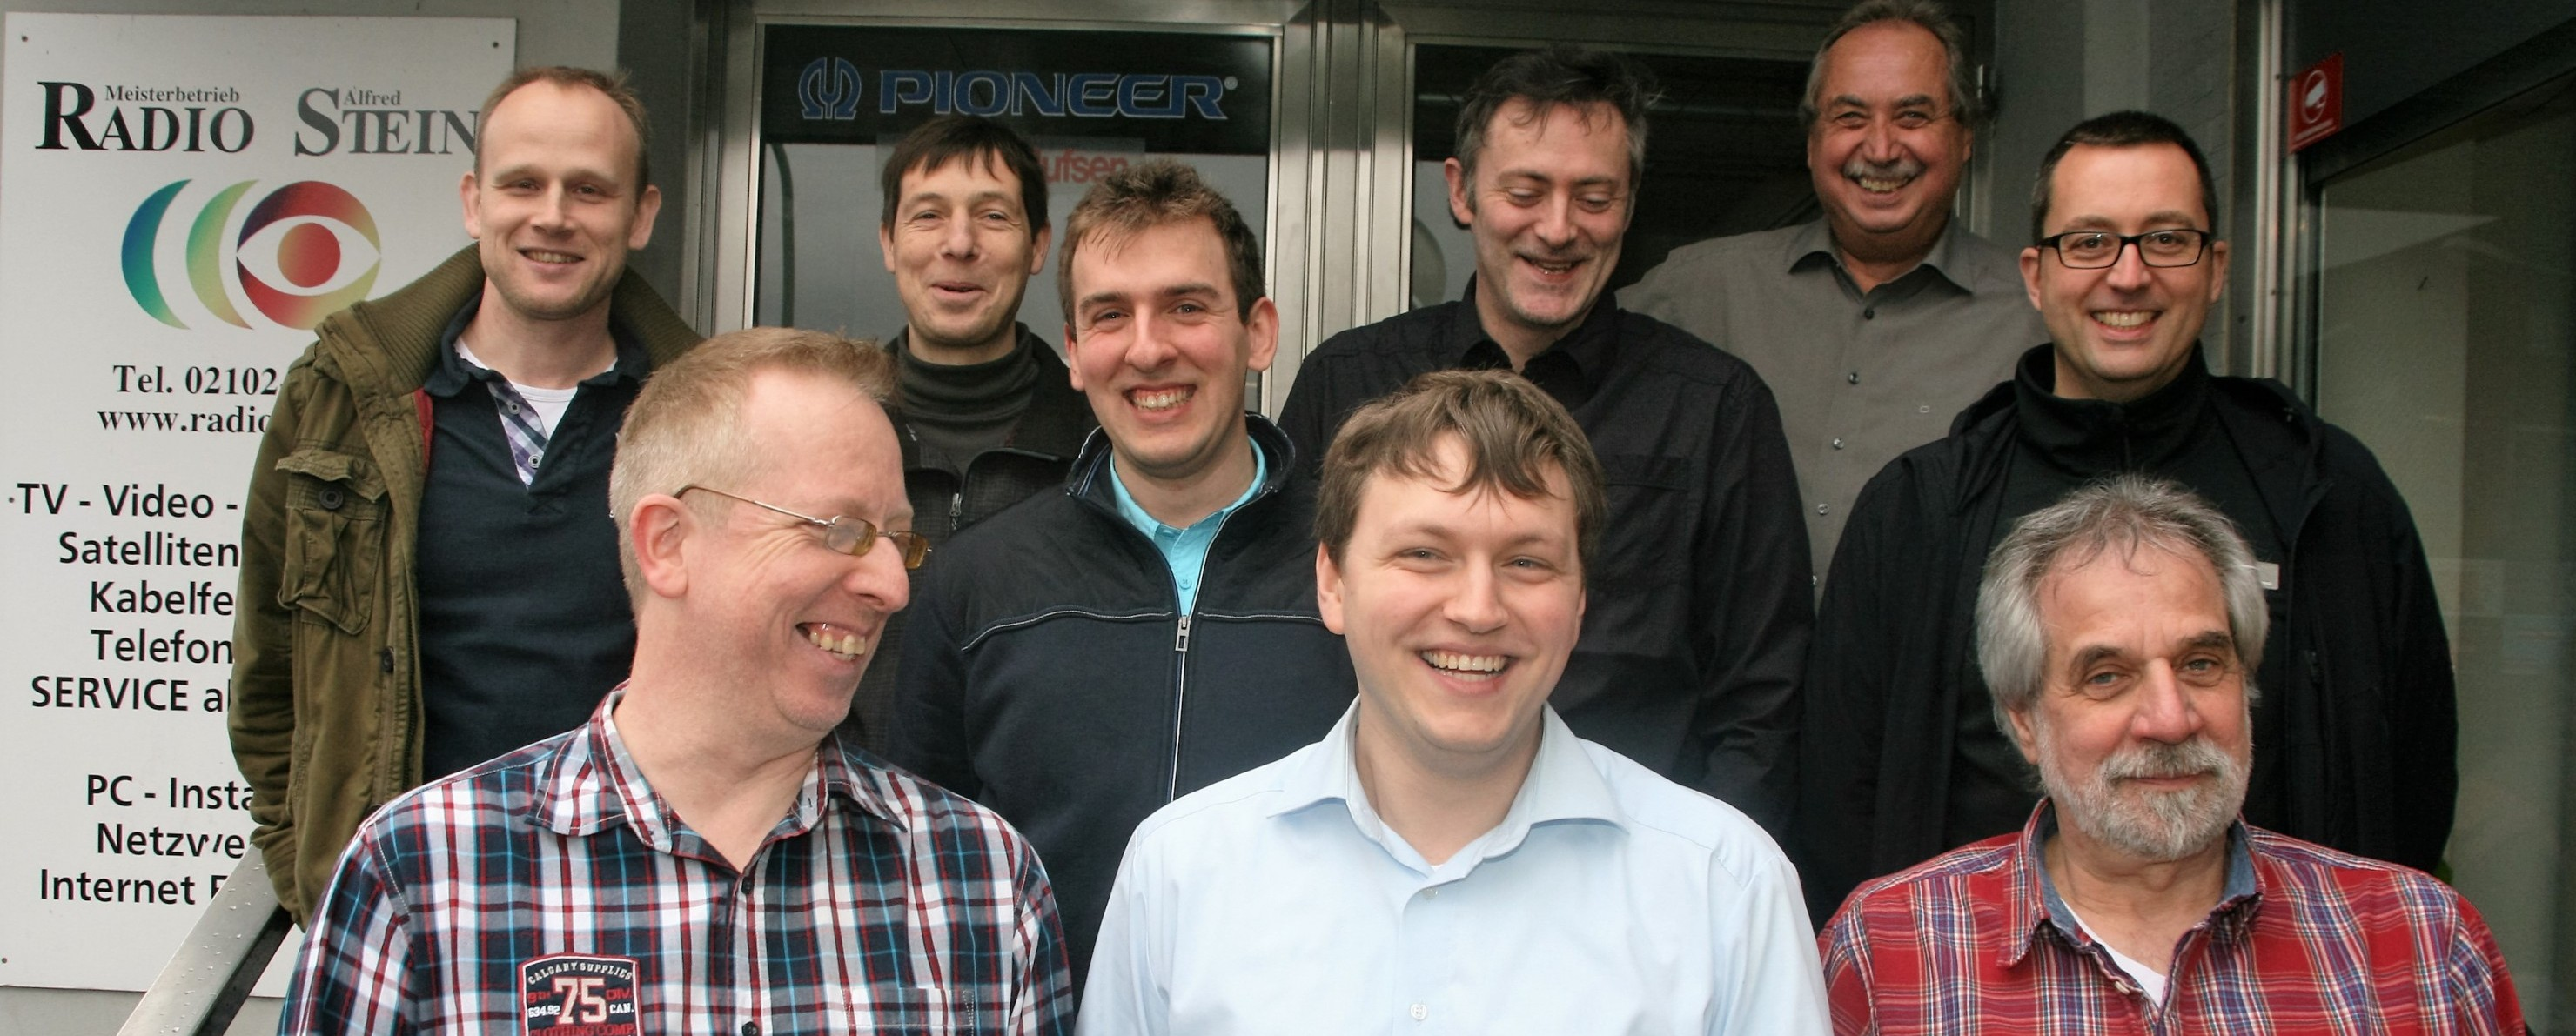 Team Radiostein